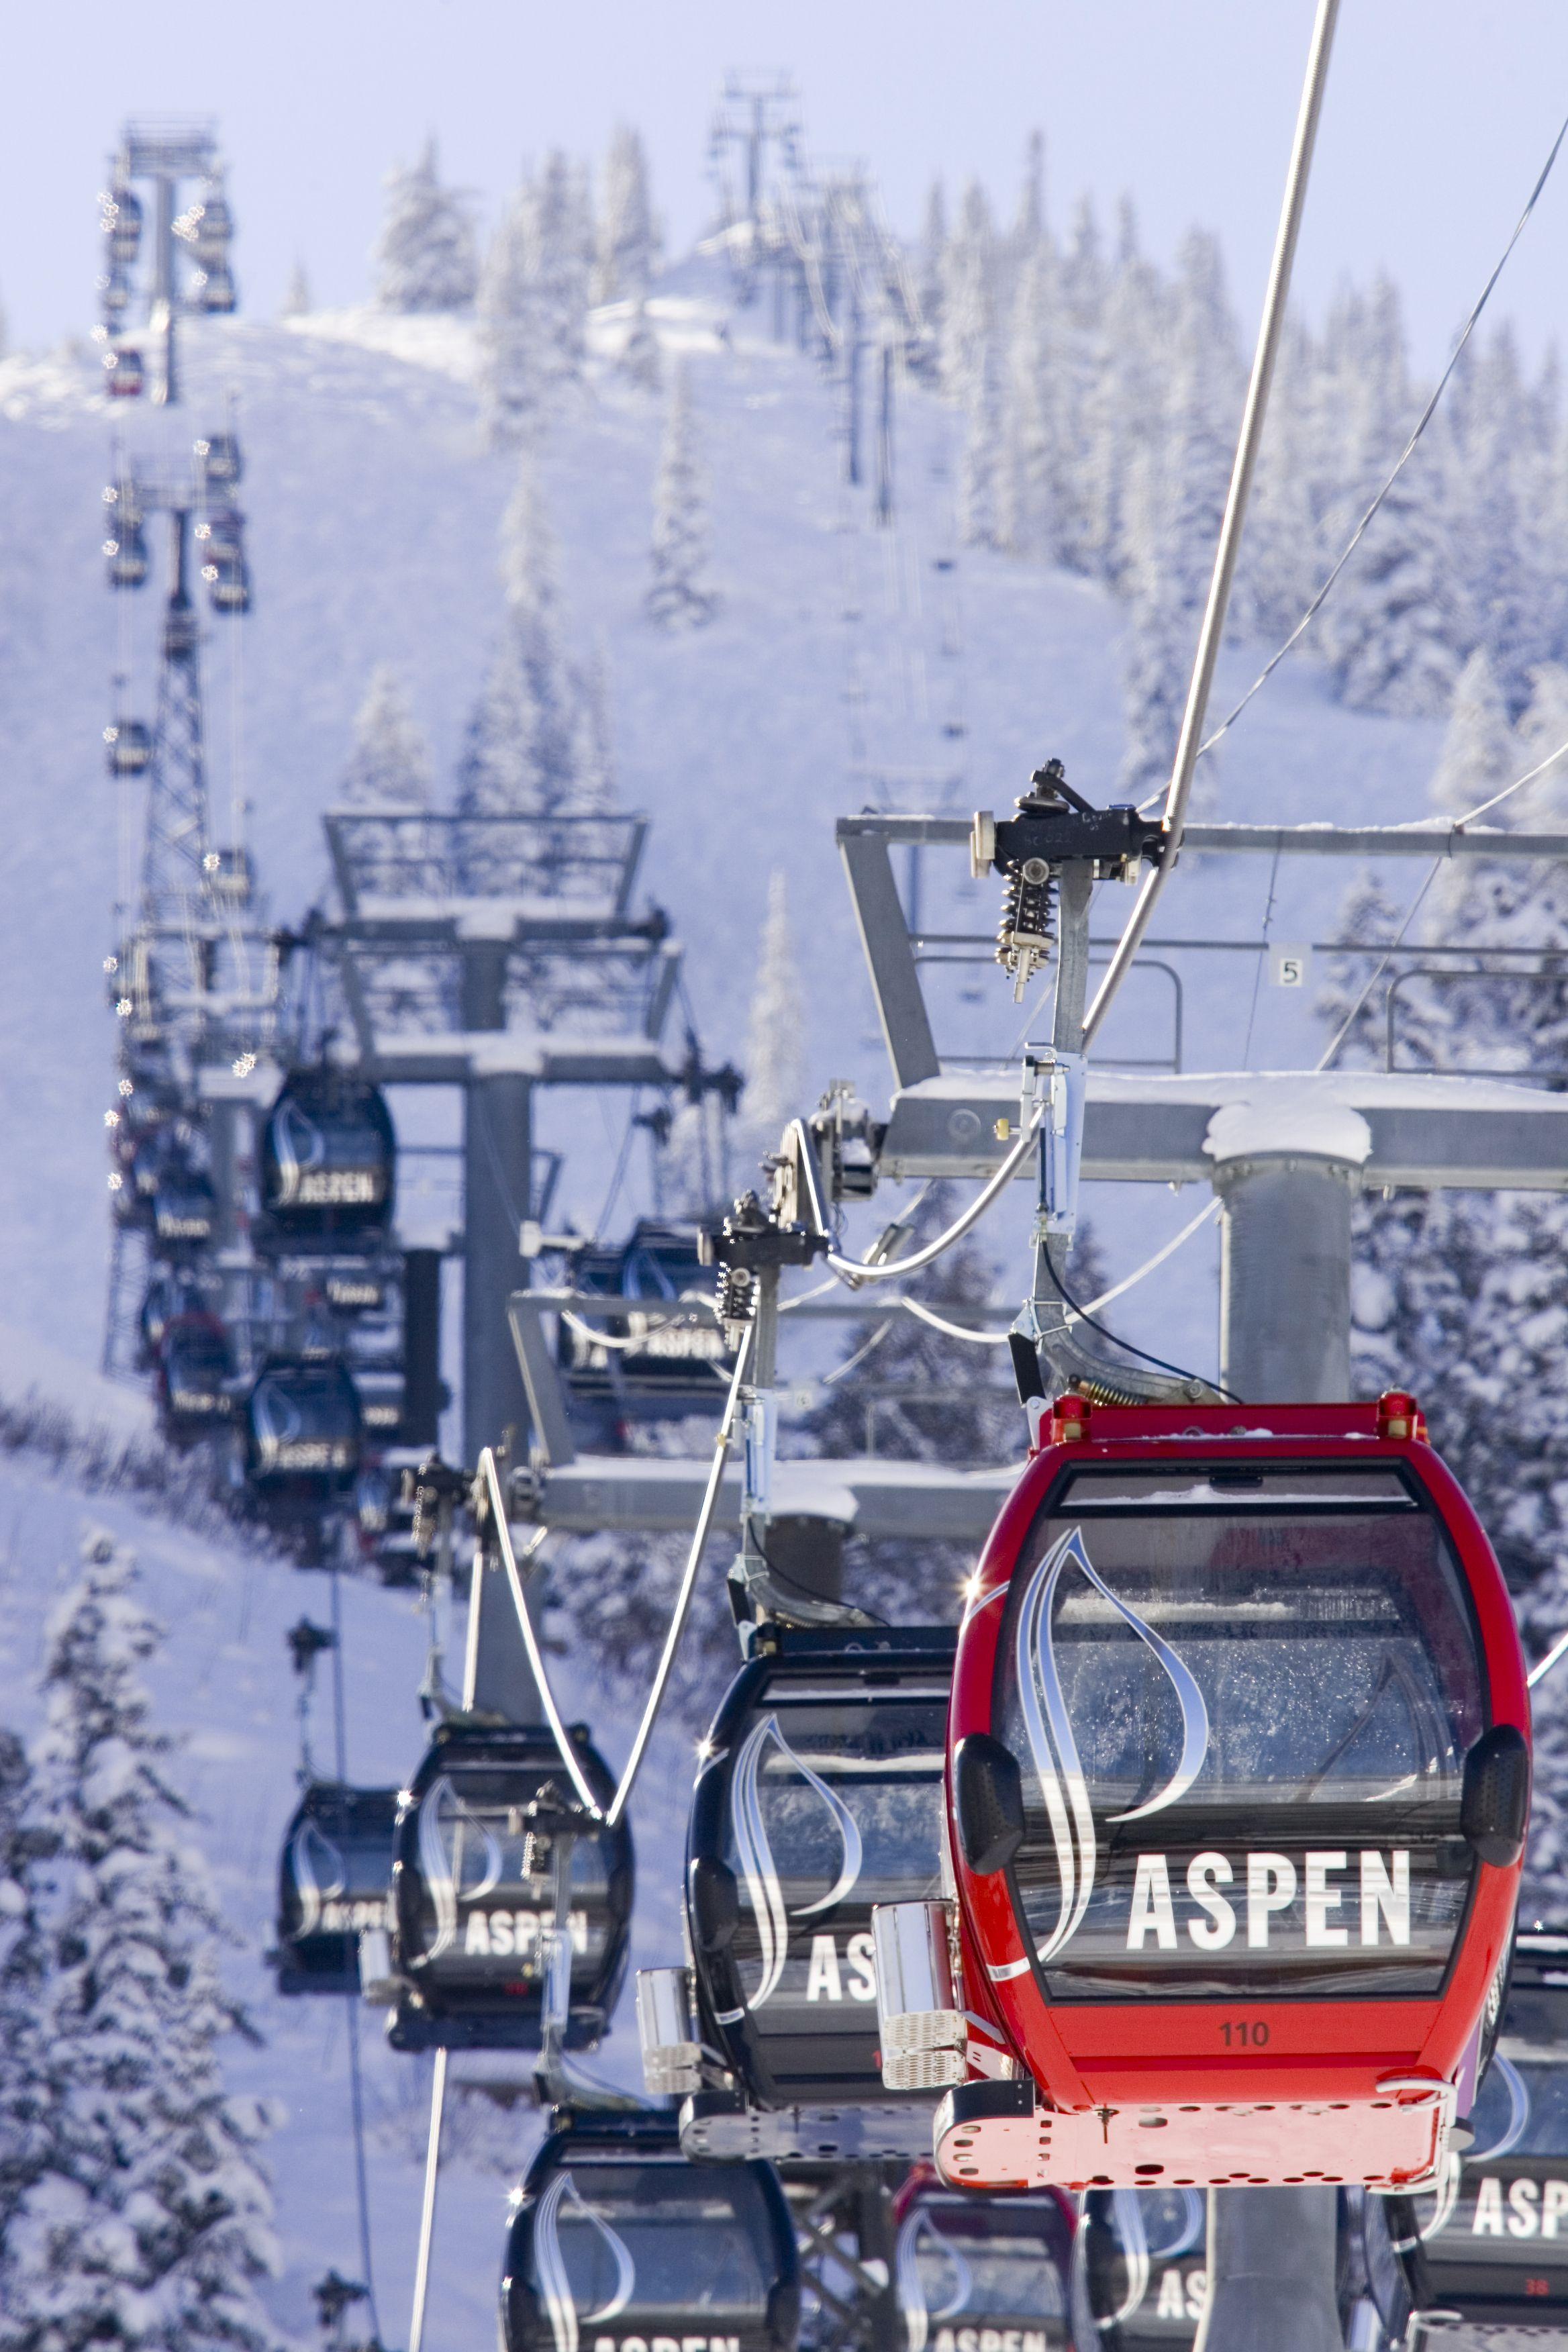 Silver Queen Gondola Aspen Skiing Ski Destination Mountain Travel